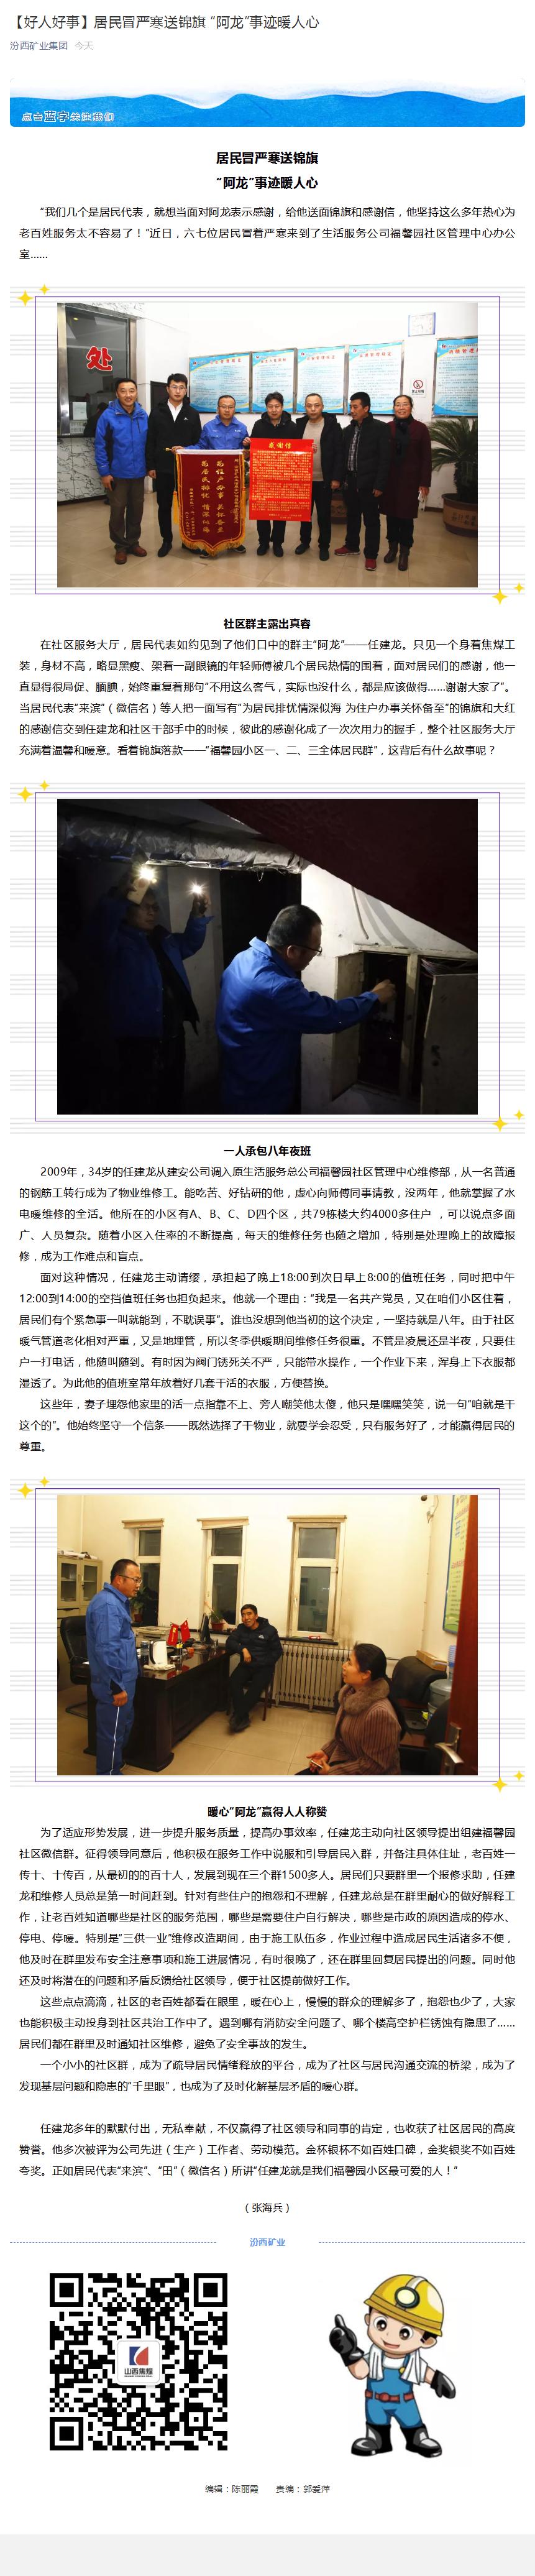 """【好人好事】居民冒严寒送锦旗 """"阿龙""""事迹暖人心.png"""